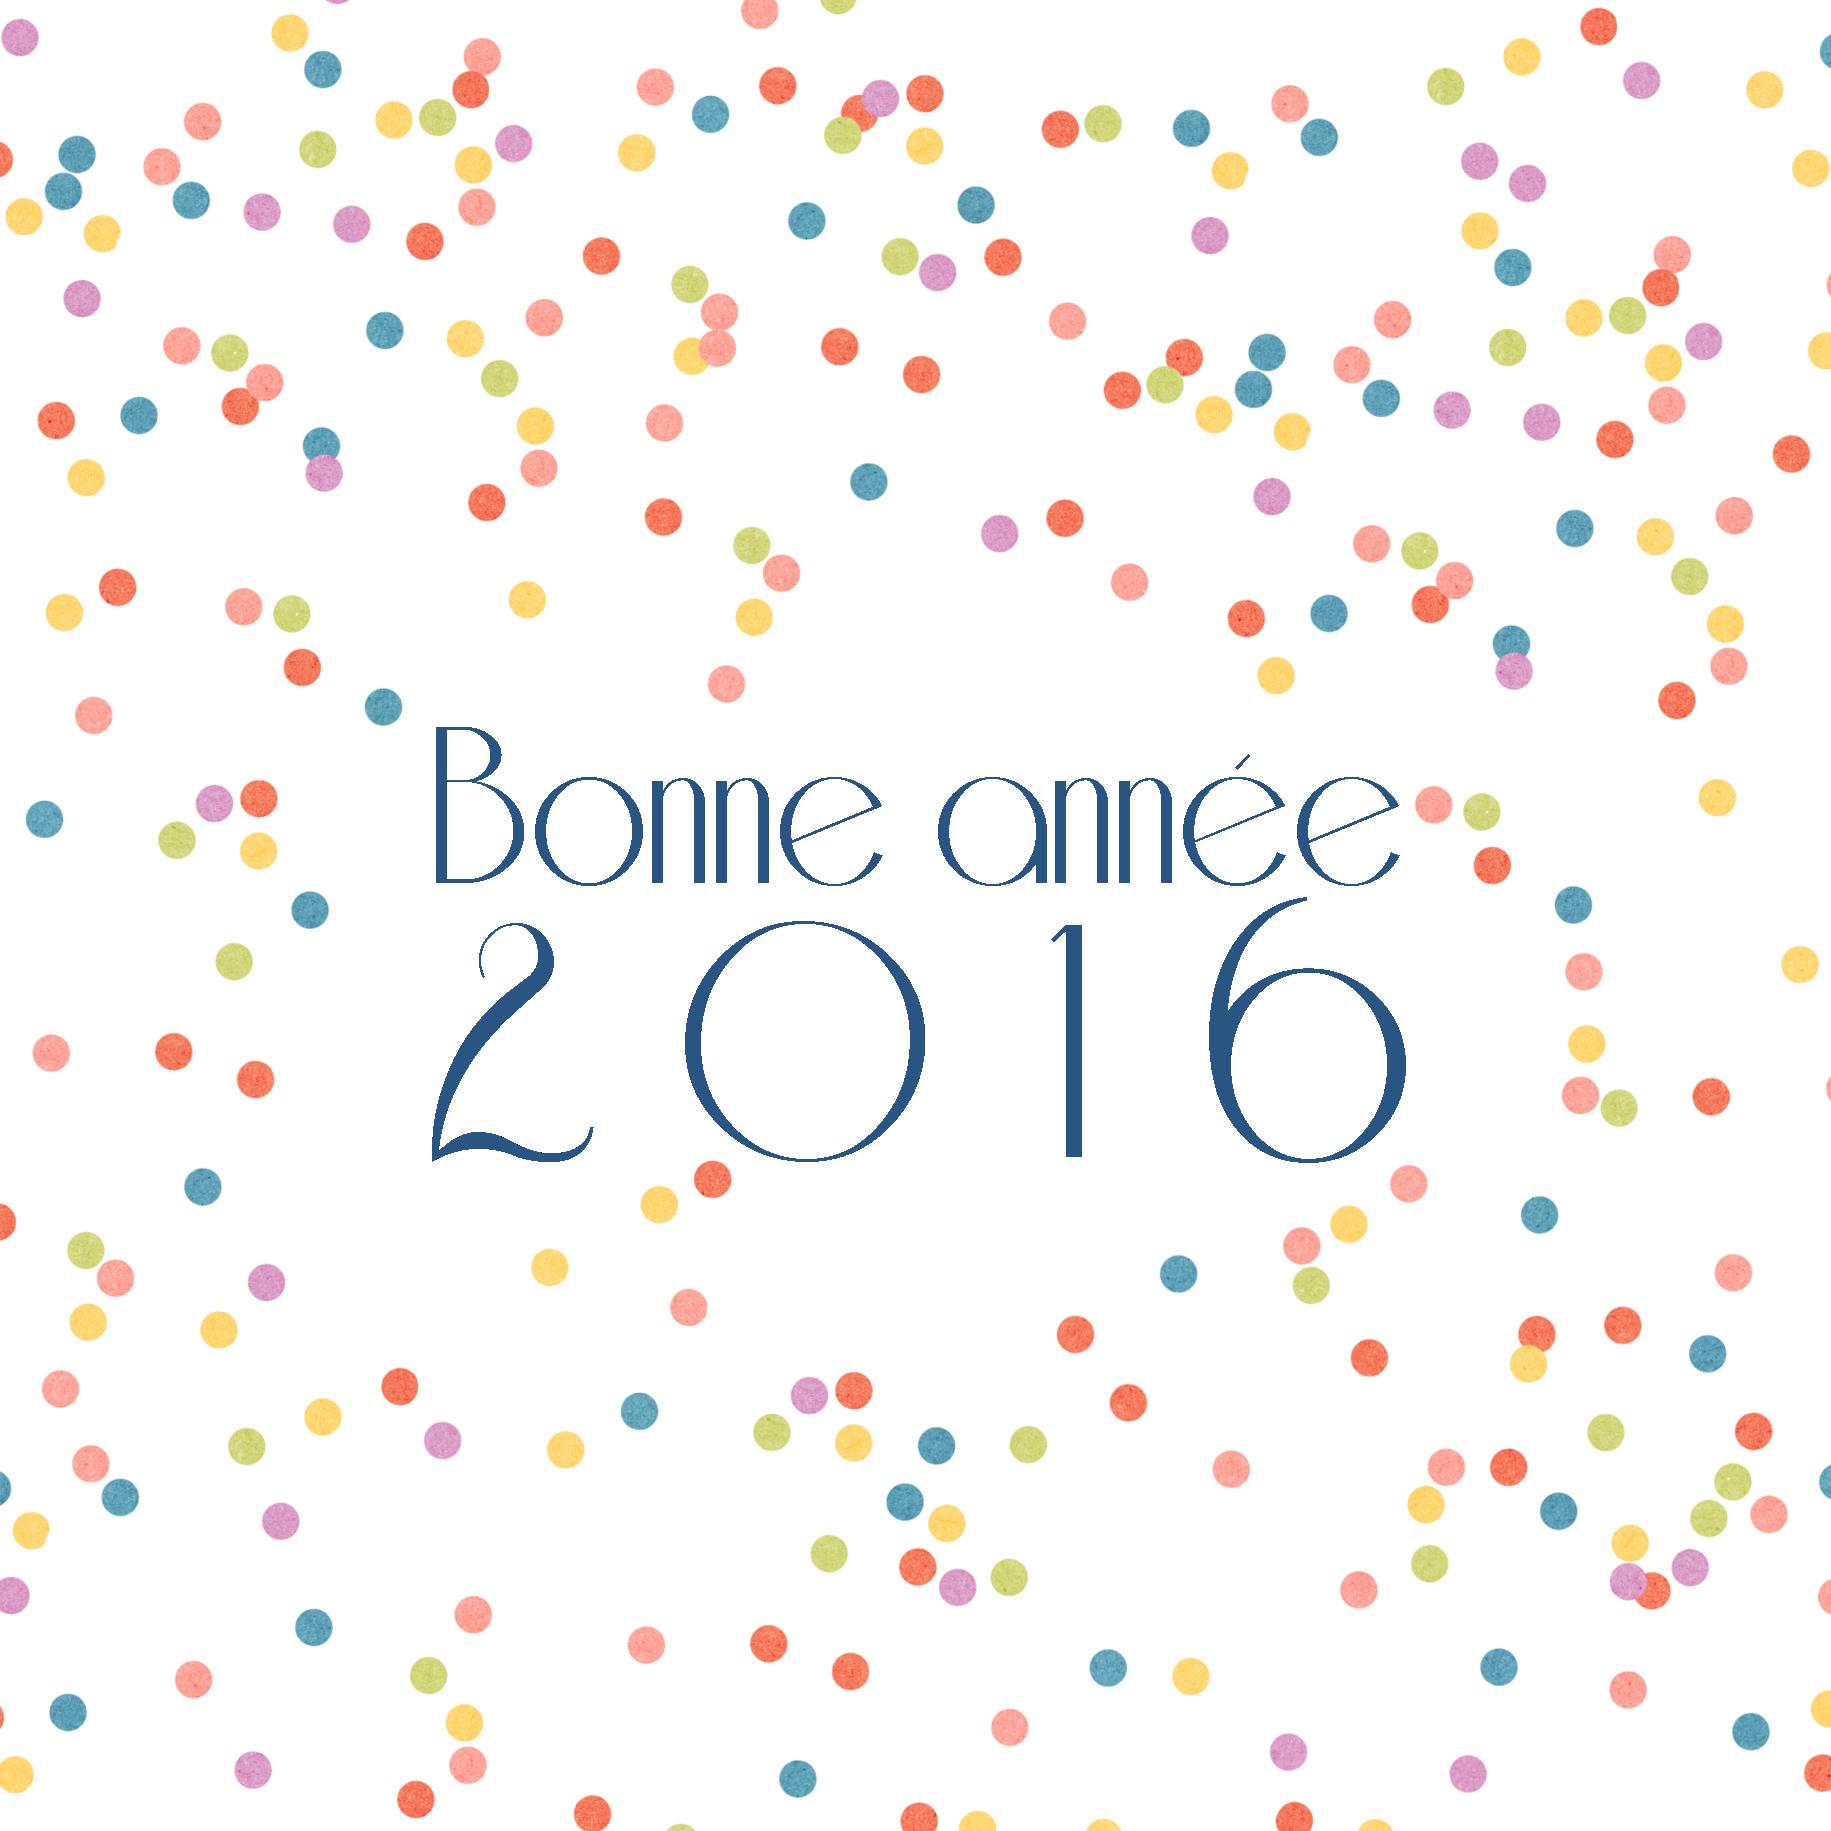 odrai-scrapandphoto.fr, bonne année 2016, odrai, photoshop element